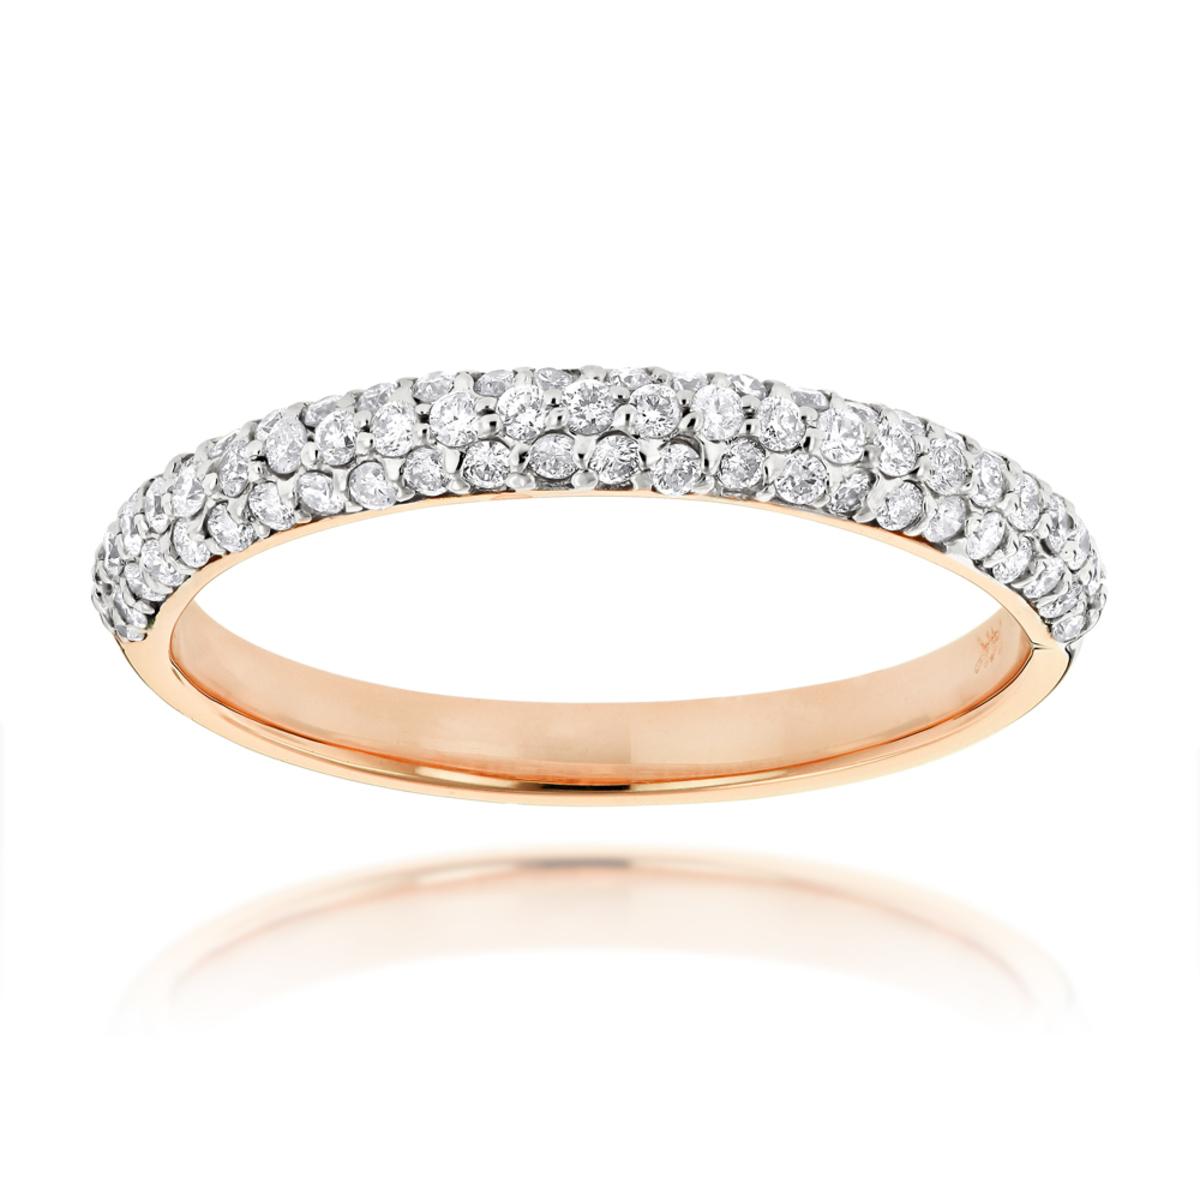 Thin 14K Gold Womens Pave Diamonds Band by Luxurman 0.6ct